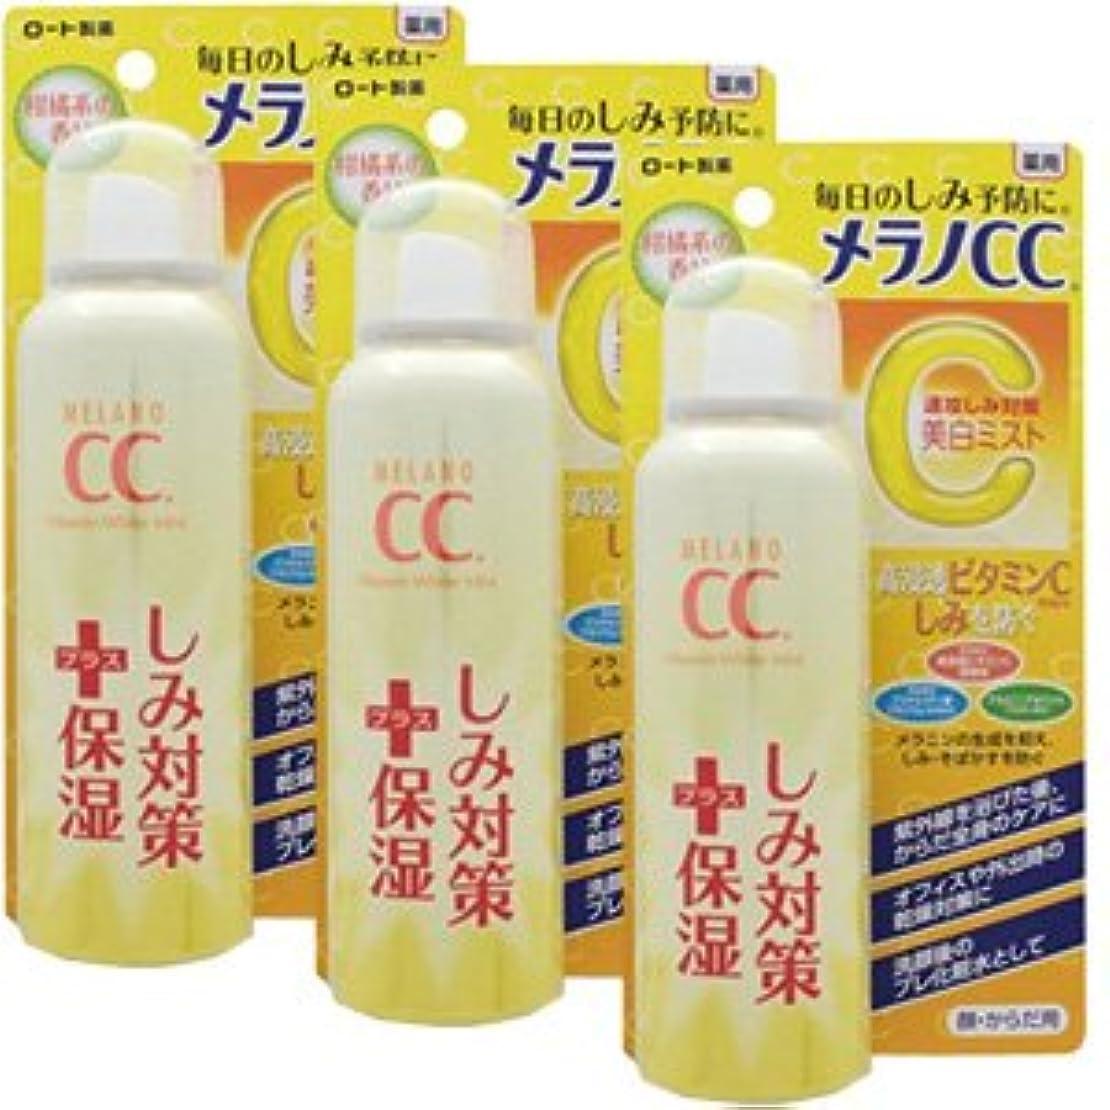 考案する魅力的であることへのアピール私達【3個】メラノCC 薬用しみ対策美白ミスト化粧水 100gx3個